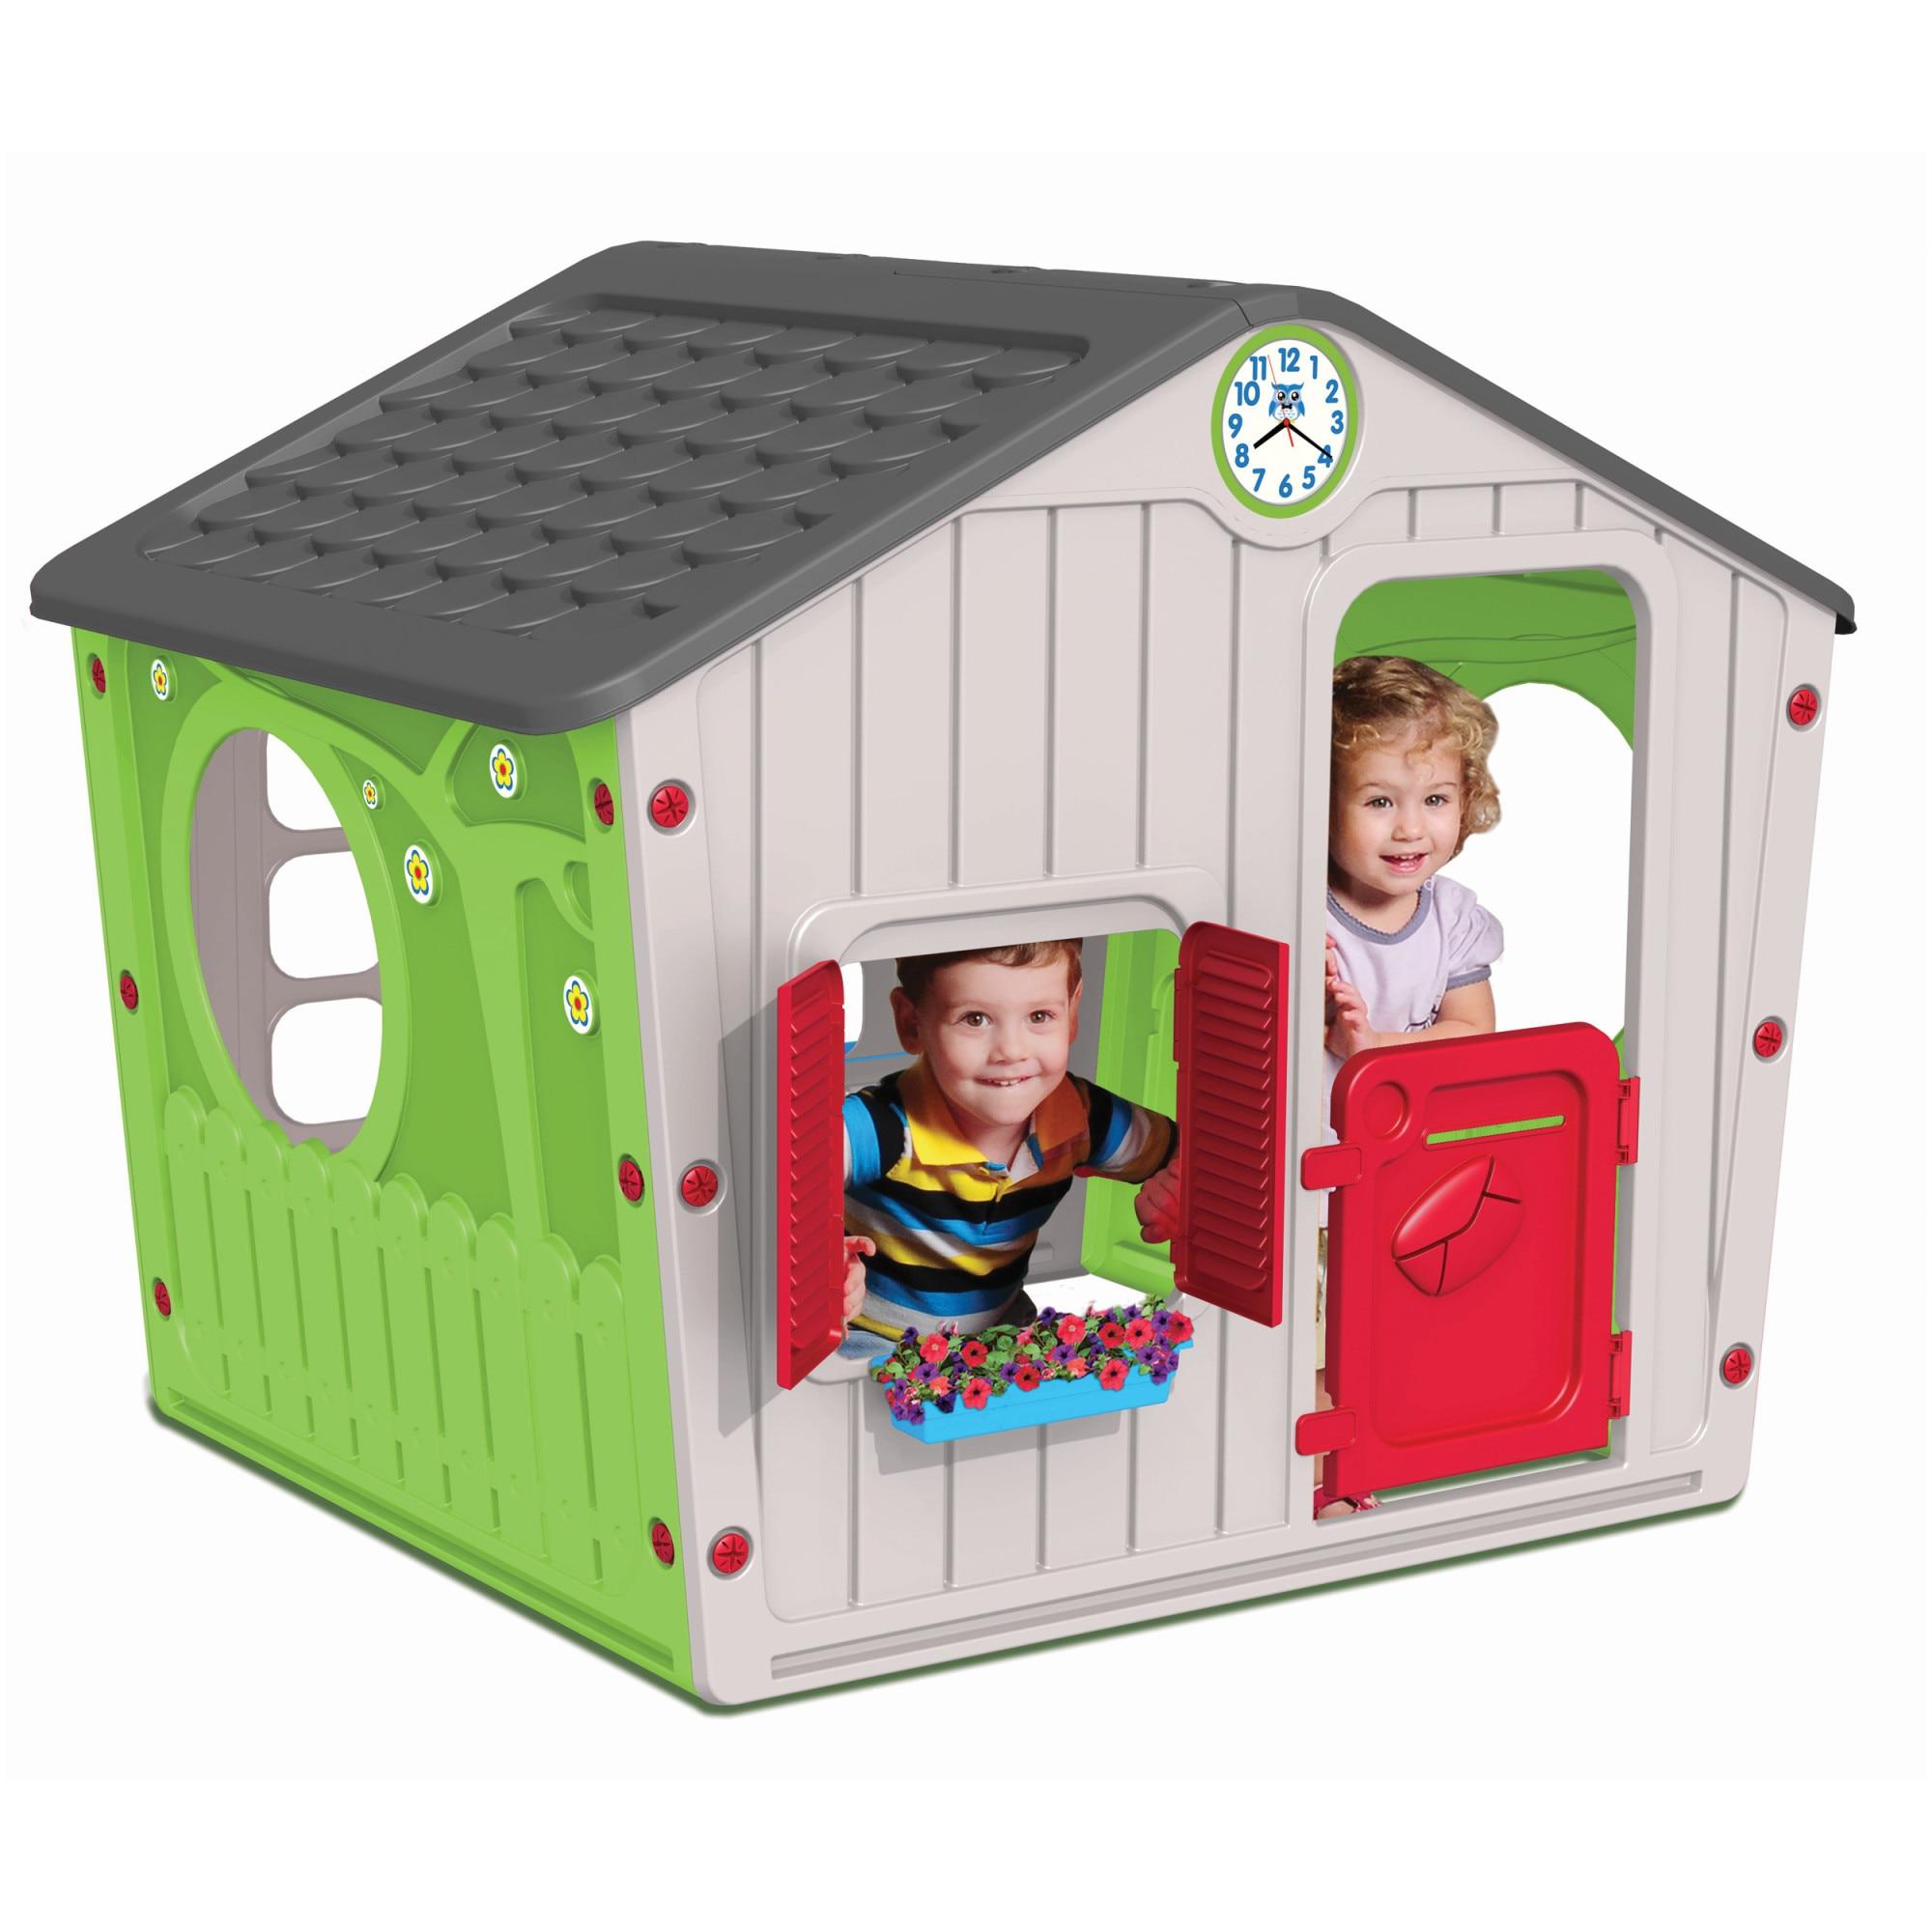 Fotografie Casuta de joaca pentru copii M-Toys Farm, verde/gri